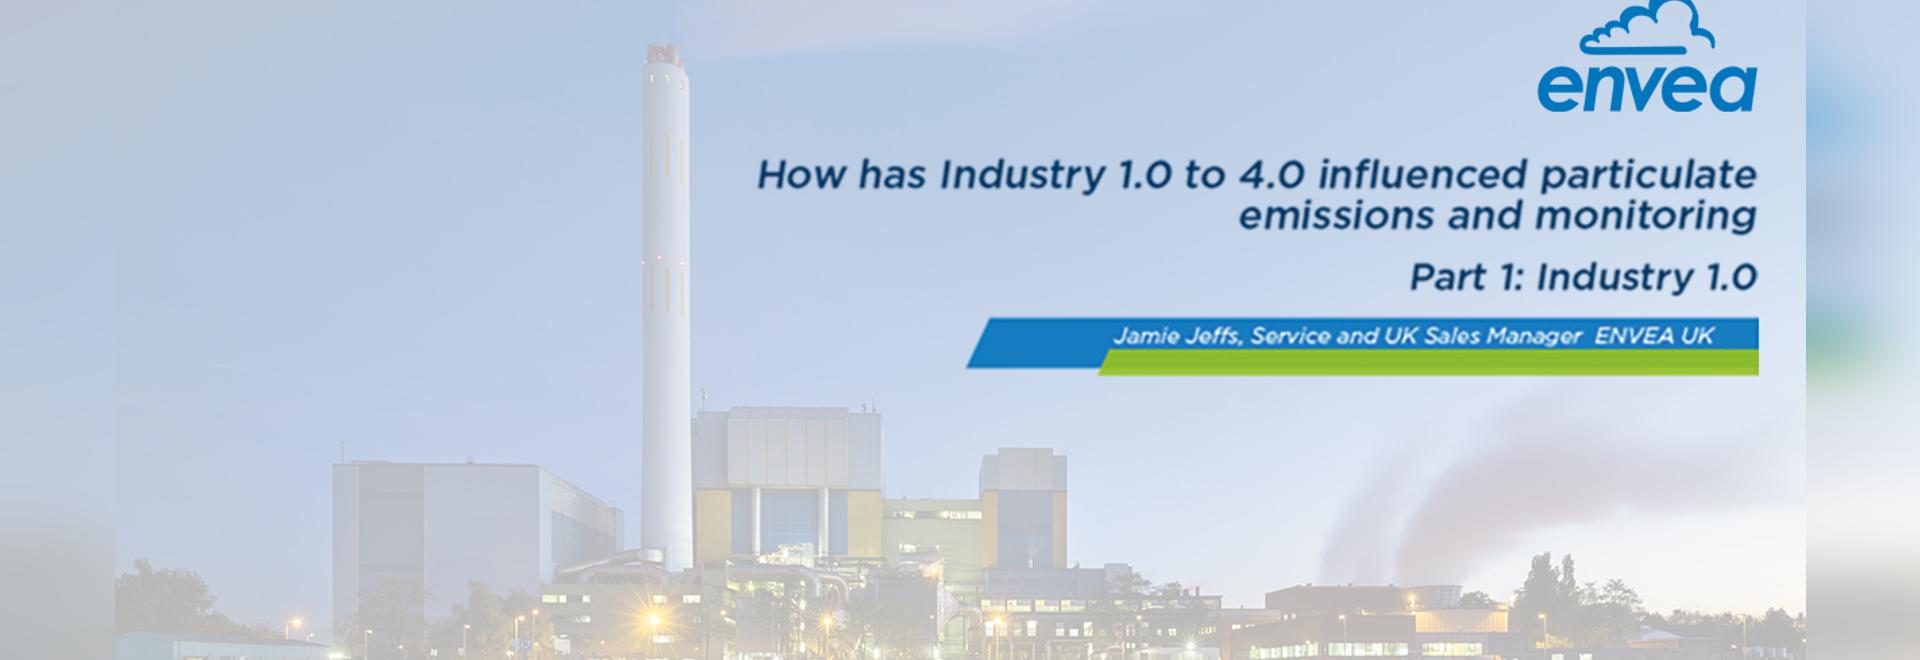 ¿Cómo ha influido la industria de 1.0 a 4.0 en las emisiones de partículas y el monitoreo?